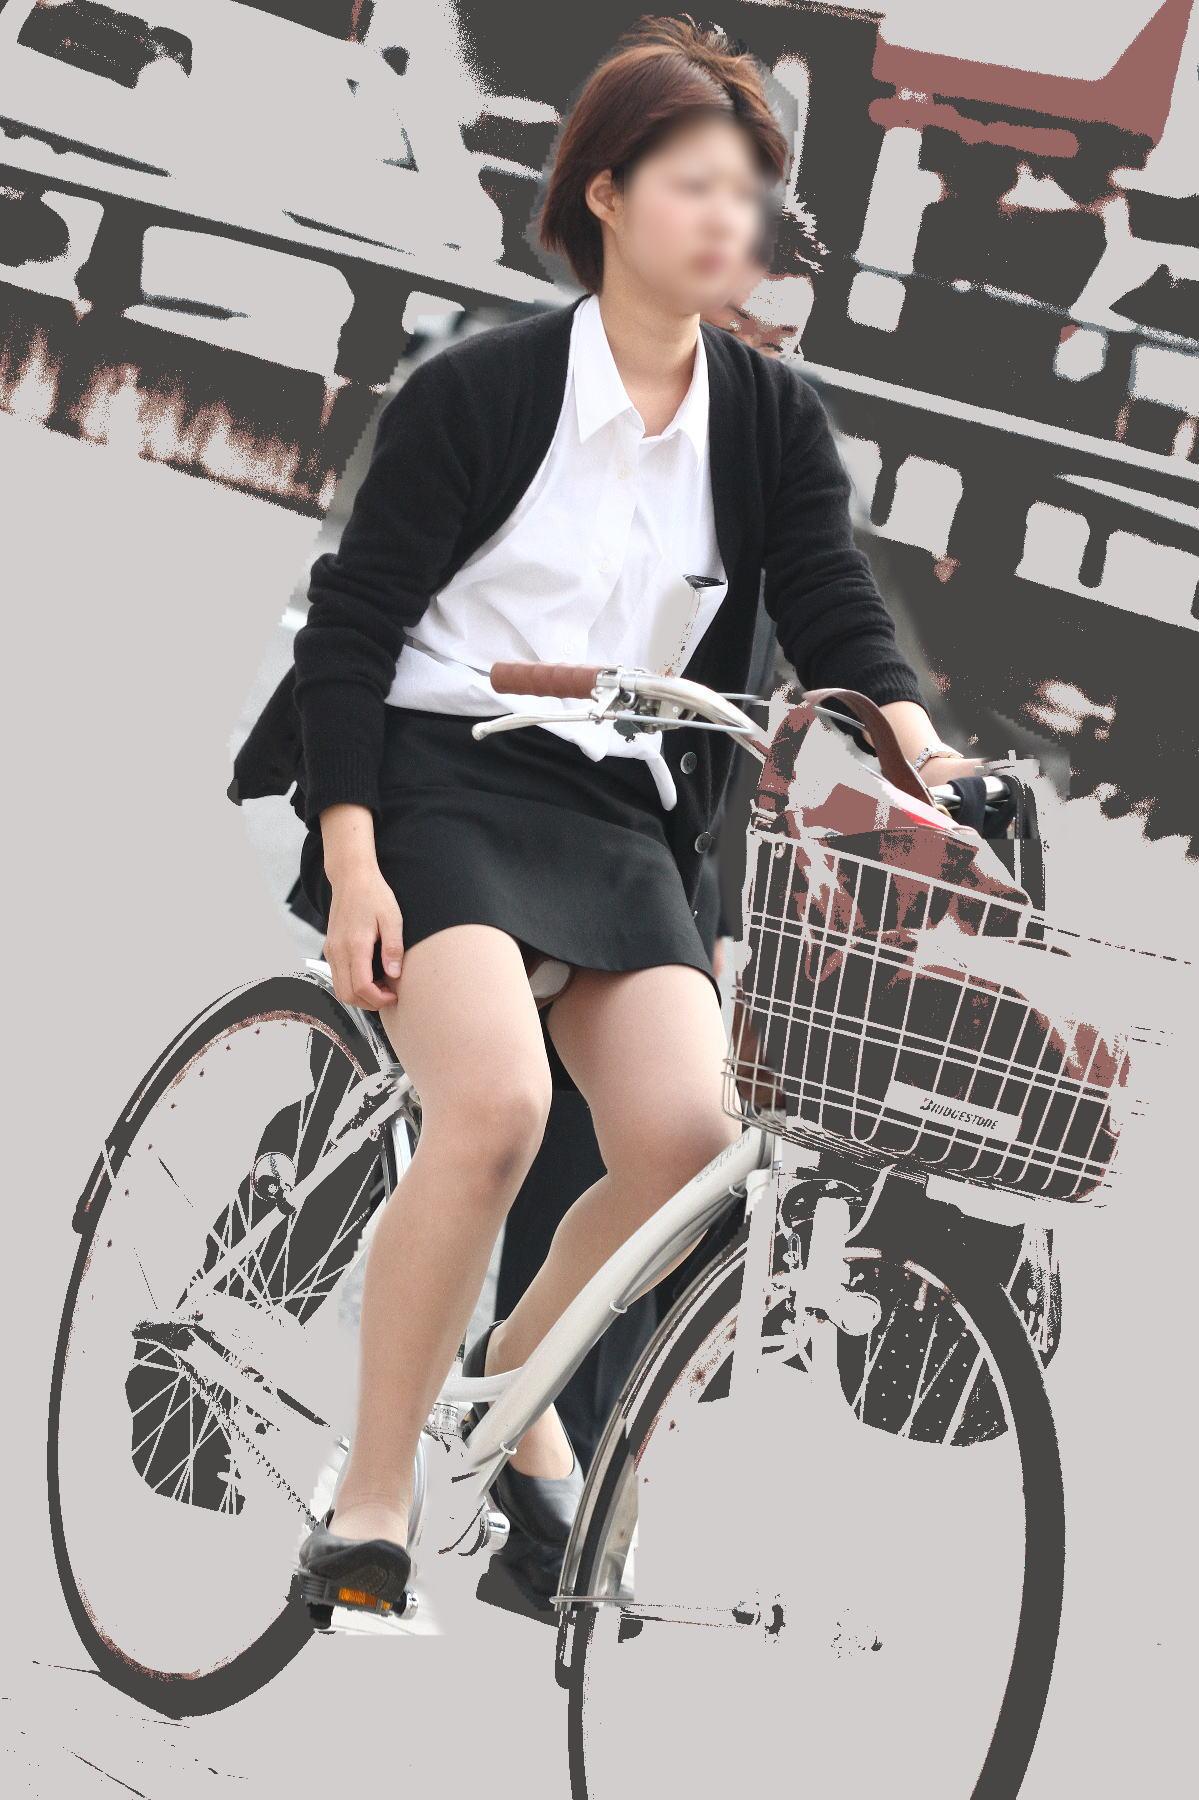 ショートカットの素人OL自転車を盗撮したエロ画像1枚目